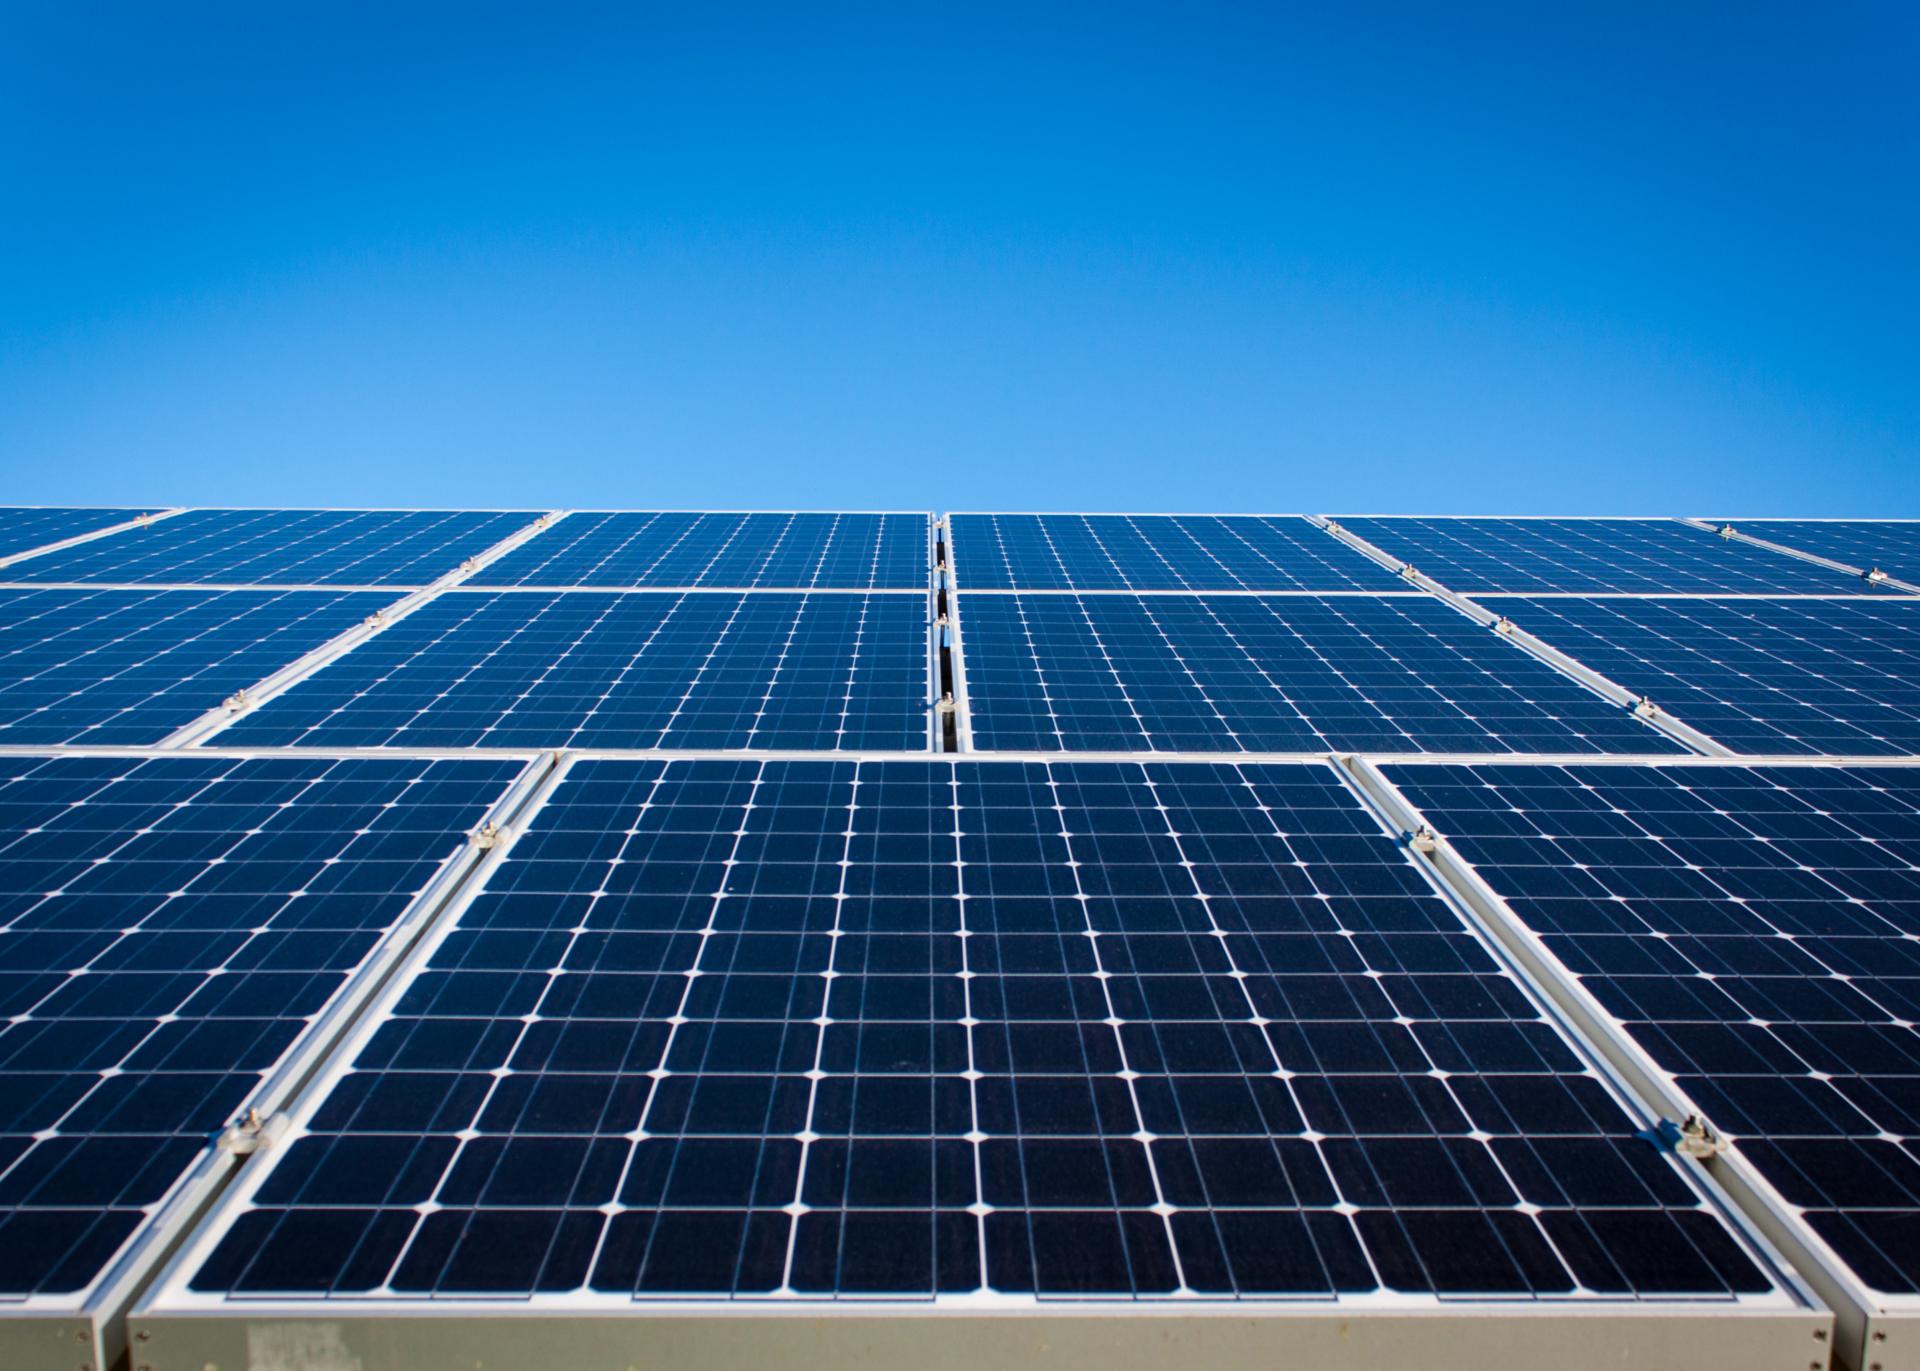 Azeitão, Sado e Gâmbia-Pontes-Alto da Guerra instalam painéis solares fotovoltaicos para autoconsumo